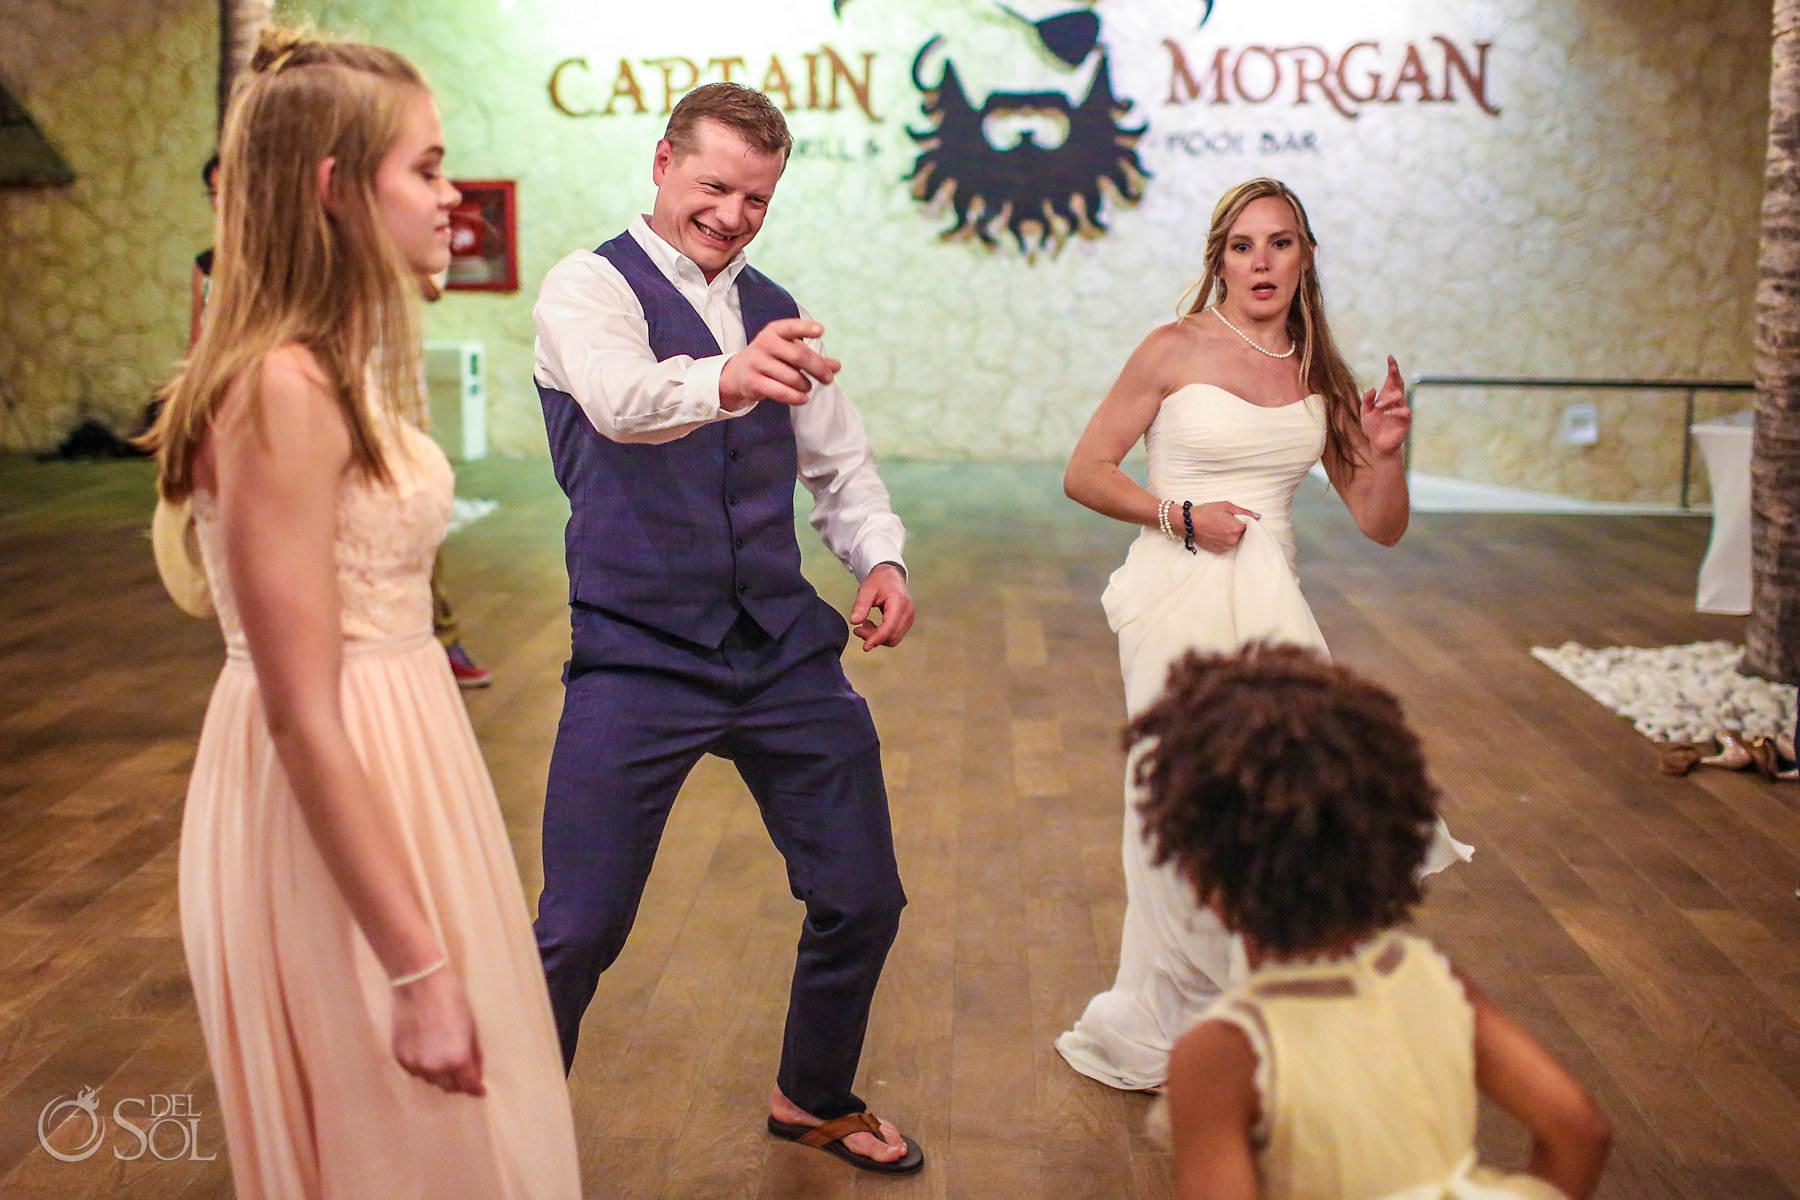 Wedding Captain Morgan Grill reception Riviera Maya Mexico A+J